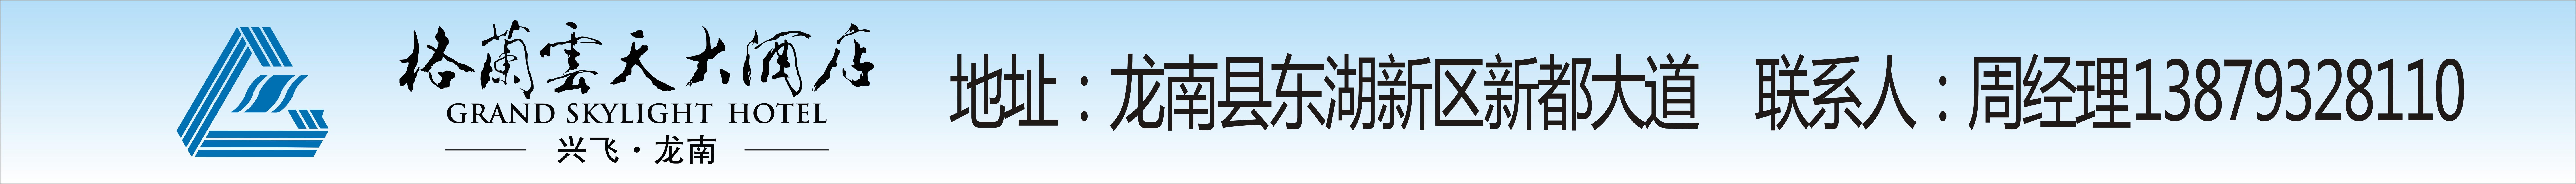 龍南興飛格蘭云天大酒店